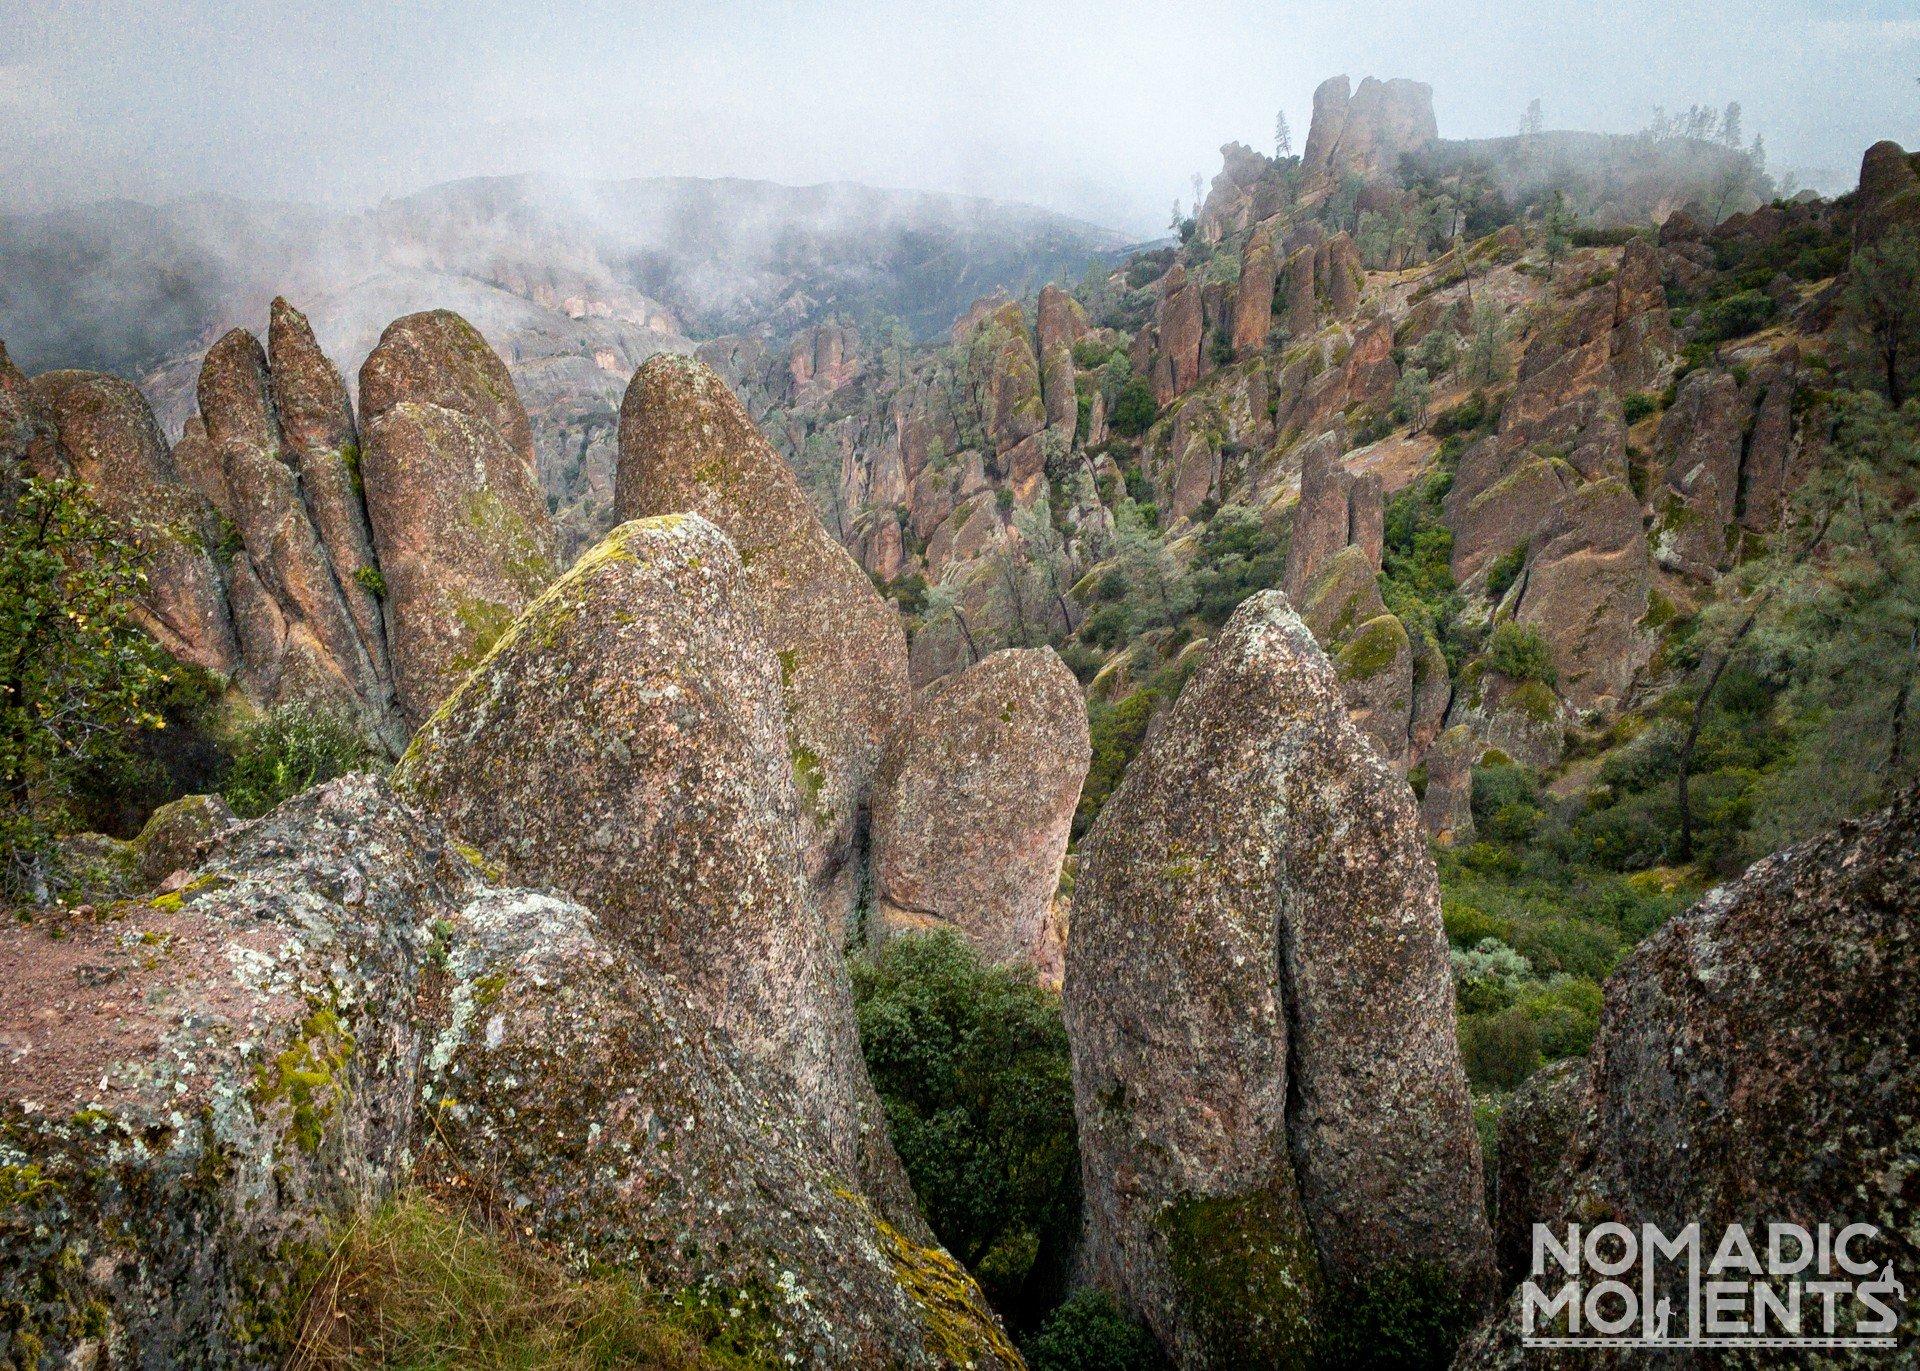 The High Peak Pinnacles